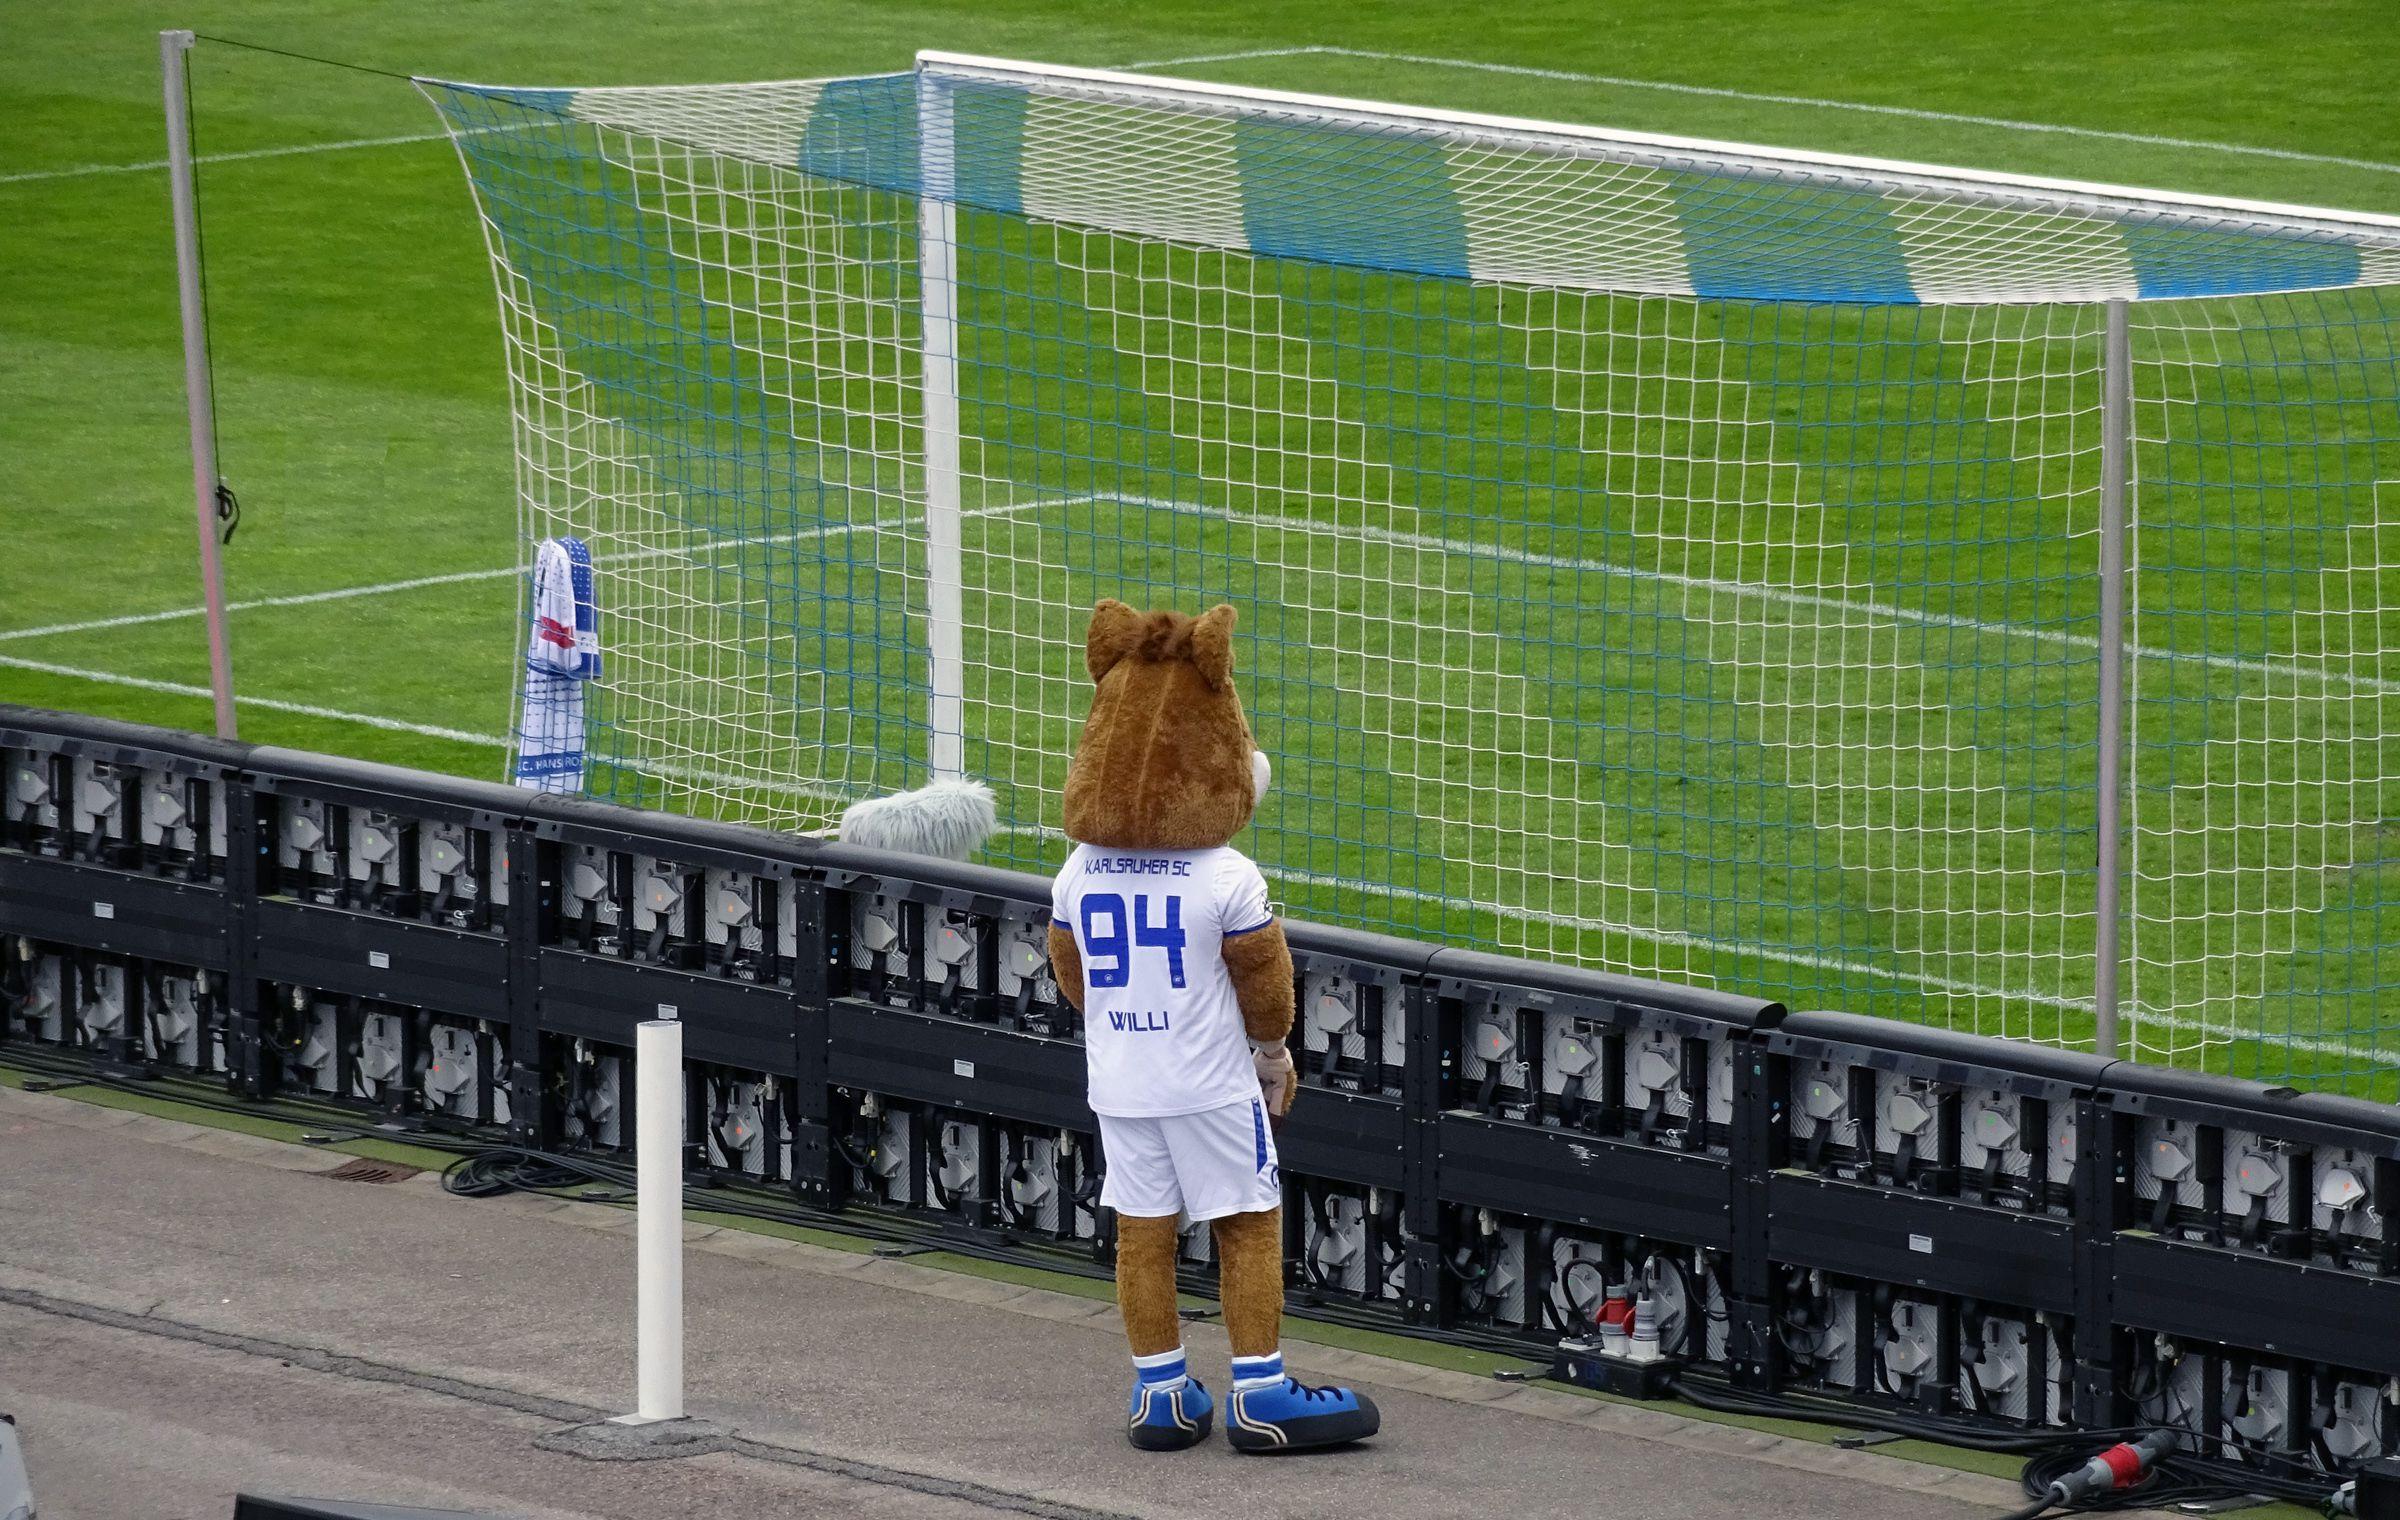 Willi wartet auf einen Ball im Tor…